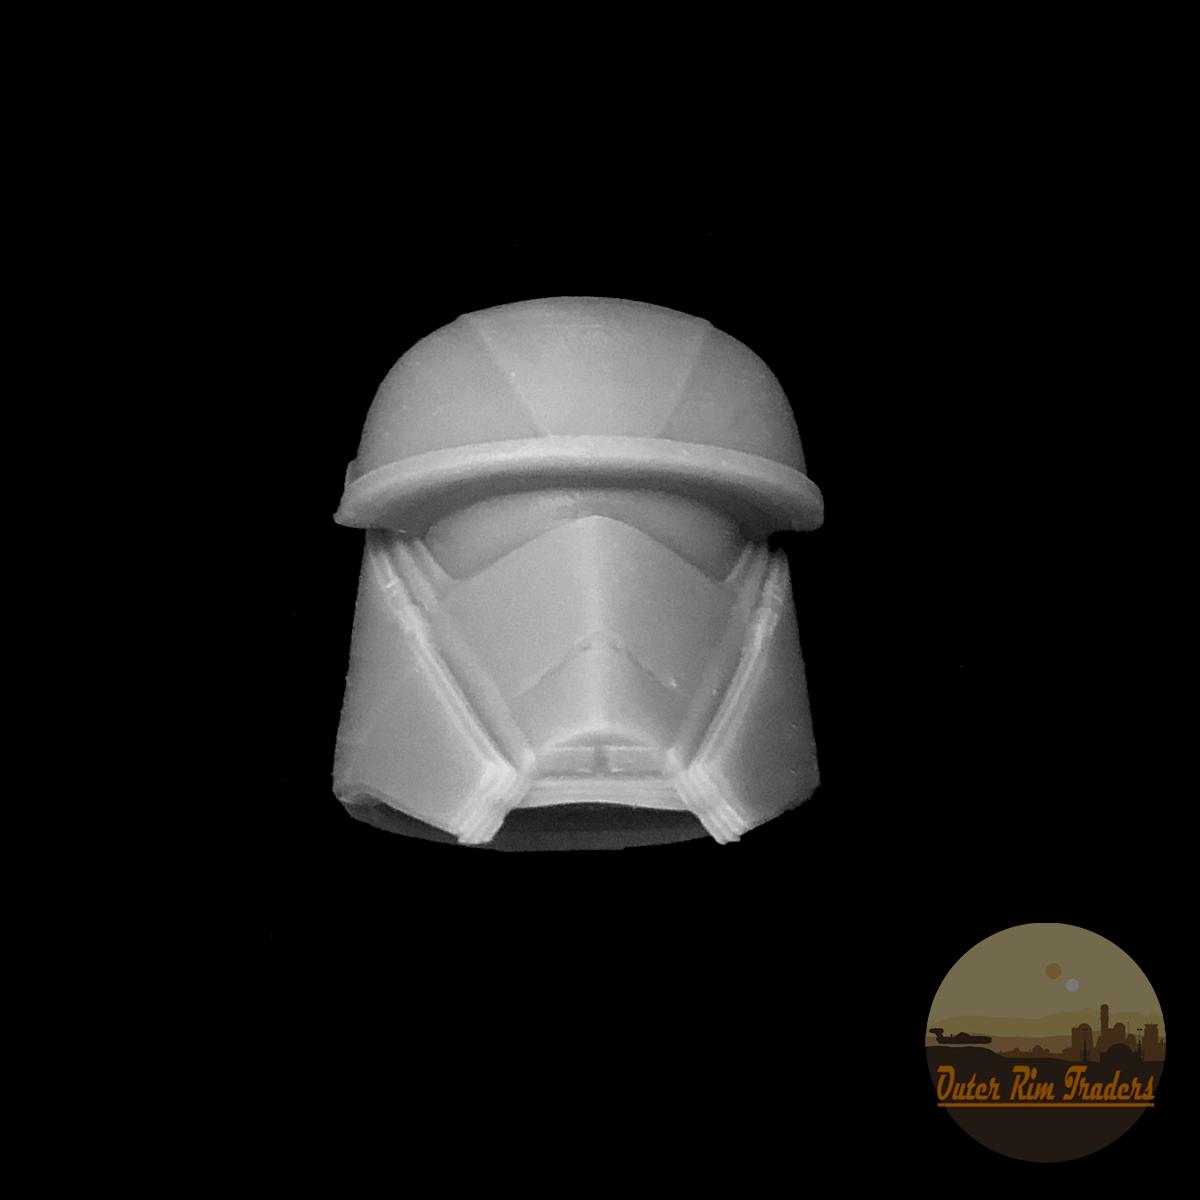 Image of Sovrn Protector Helmet by Skylu3D